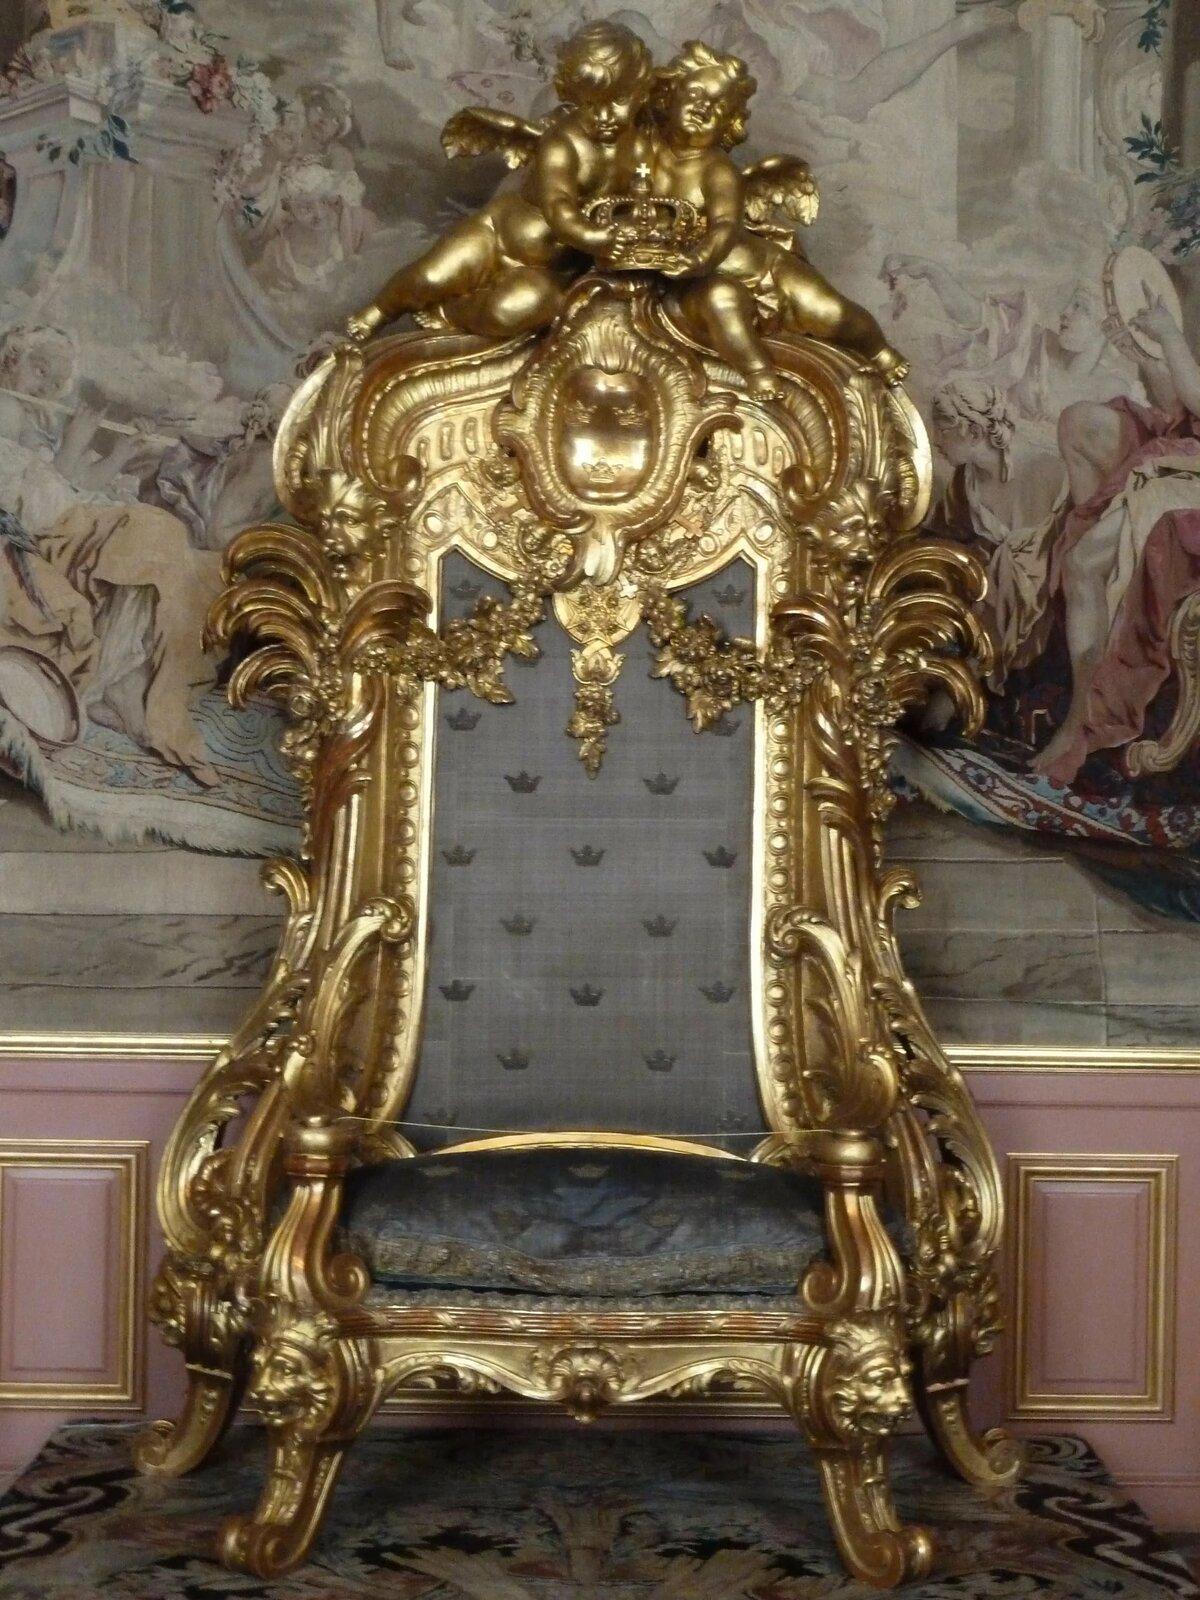 царский трон фото мороженого персиков